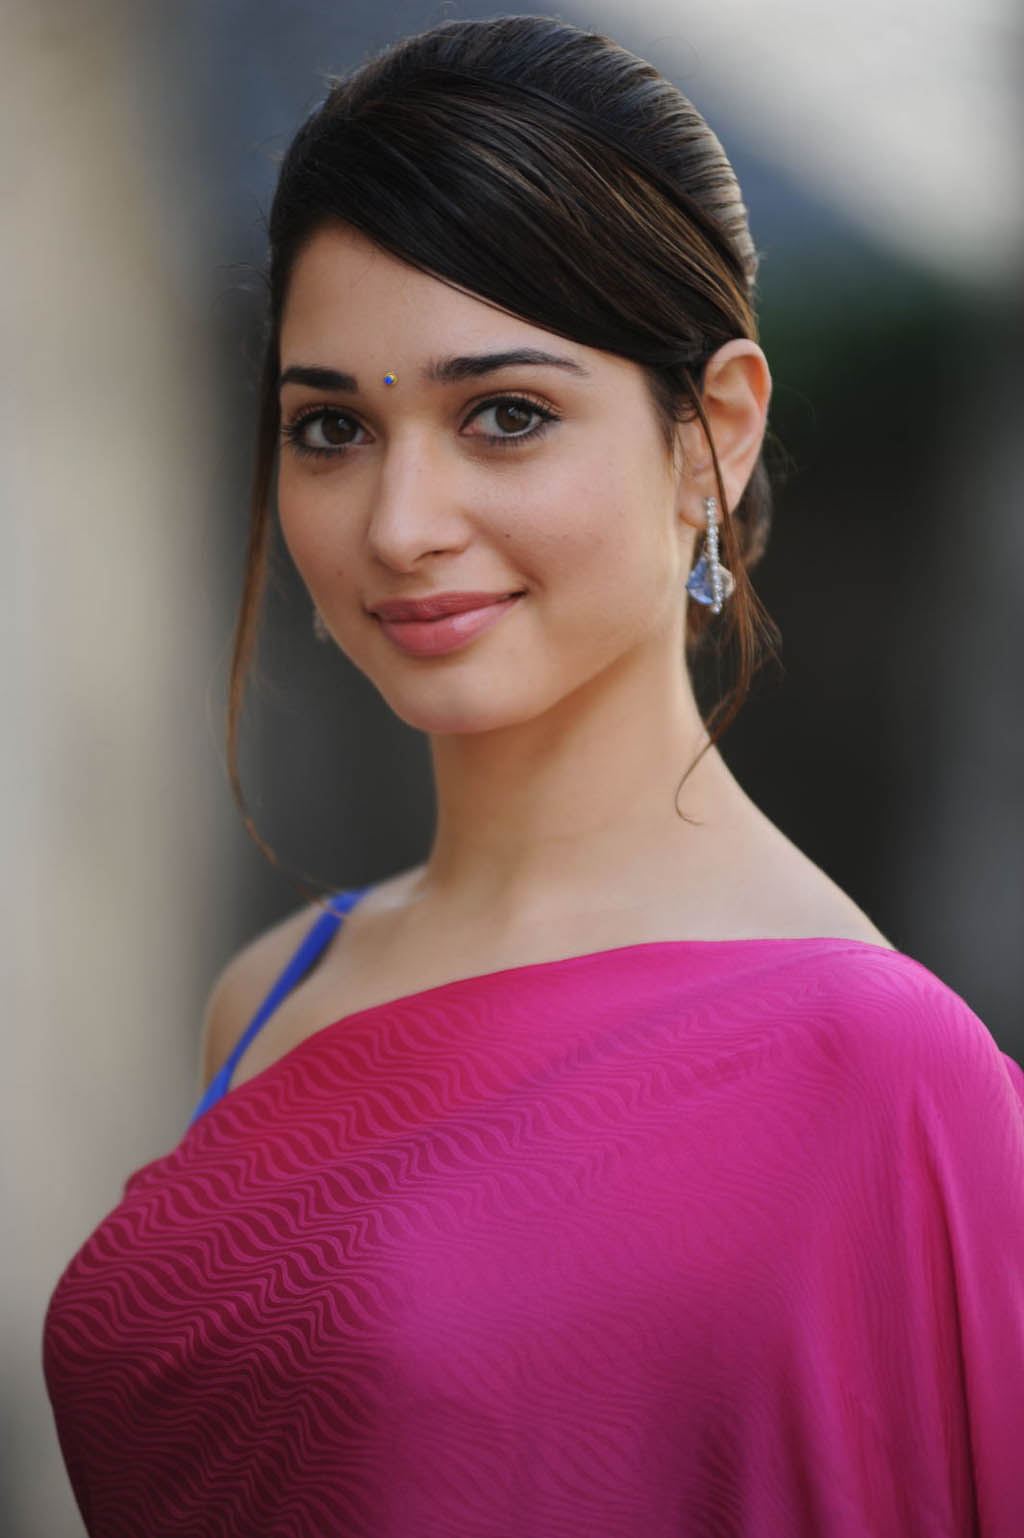 宝莱坞十大美女影星 印度电影吧 竖